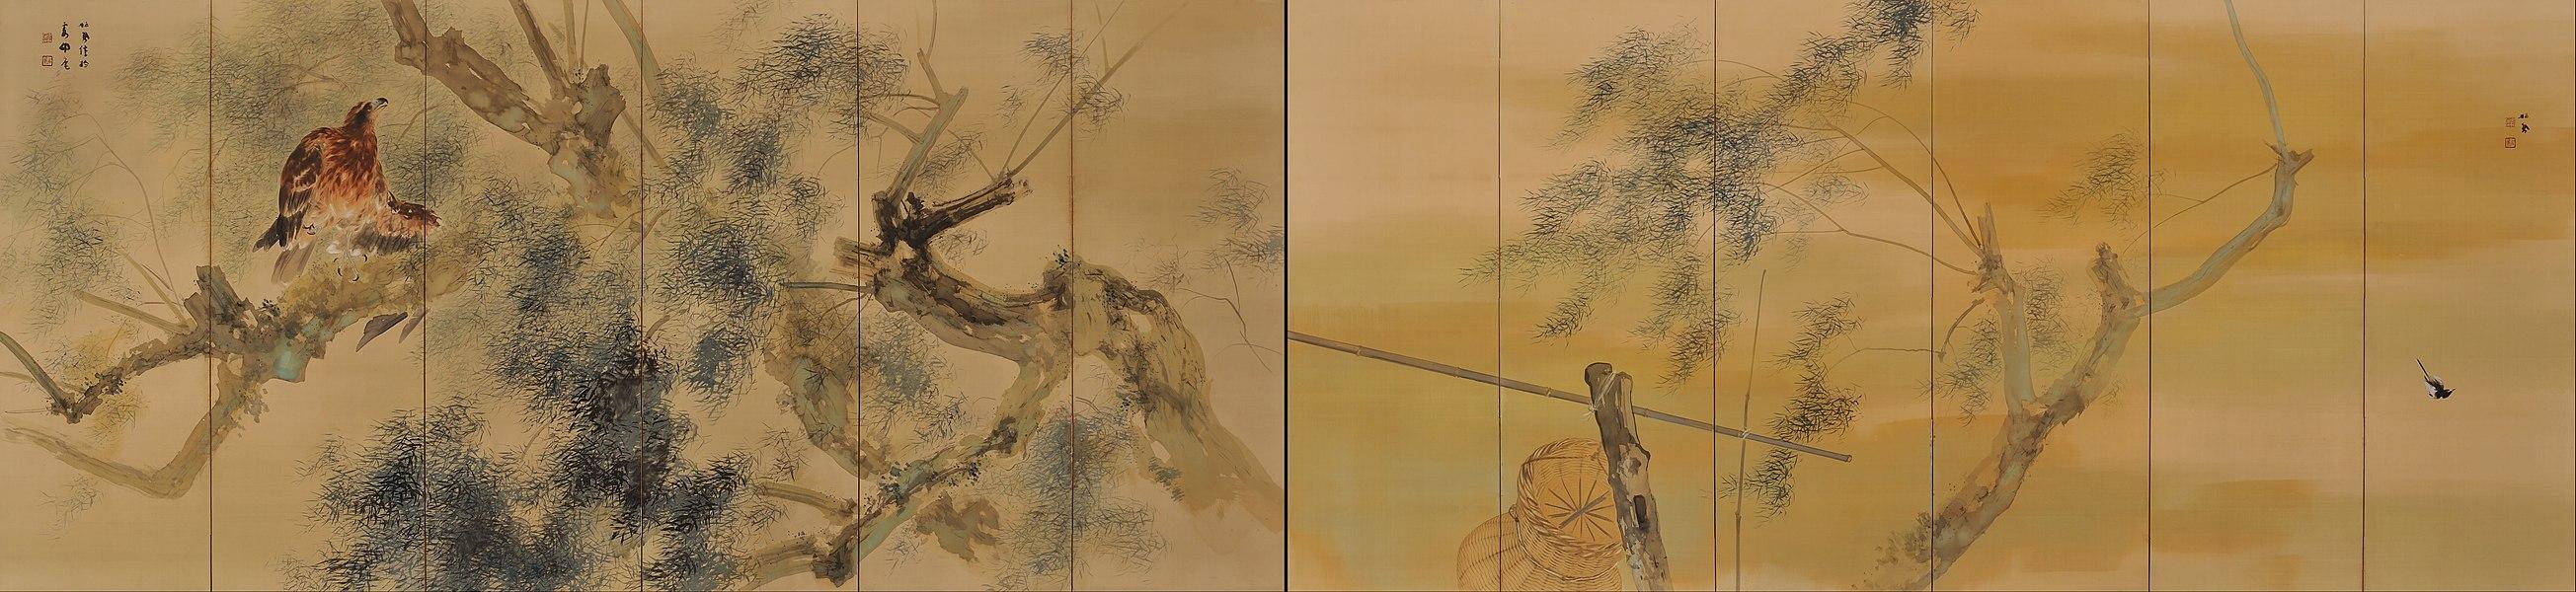 takeuchi seiho - image 5